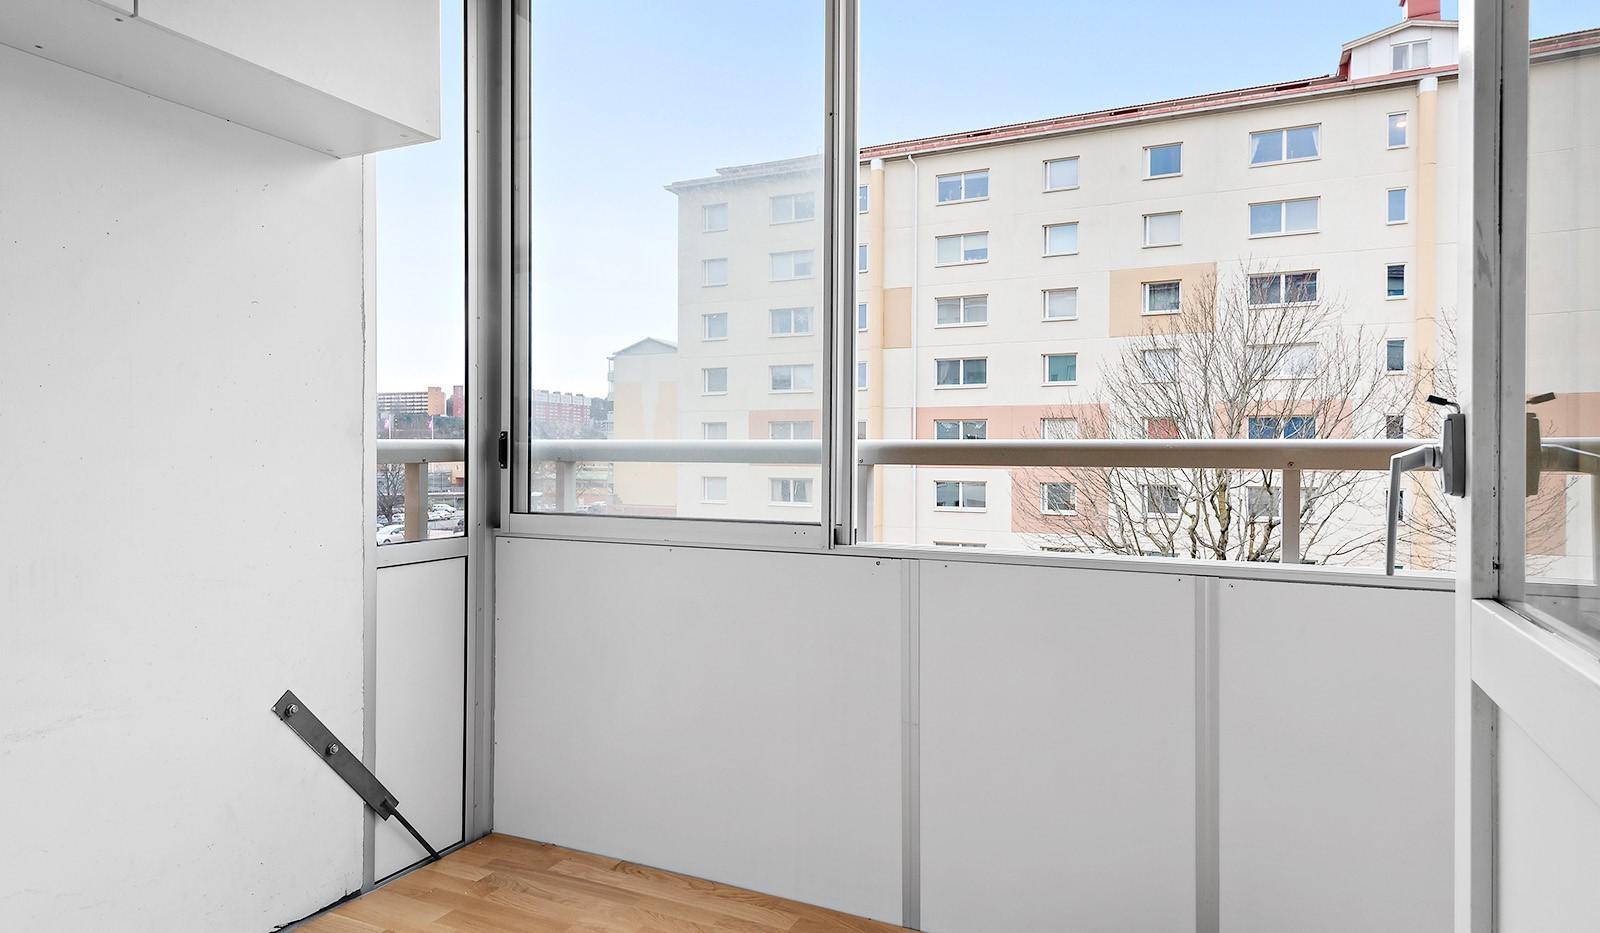 Hampvägen 11, 3tr - Inglasad balkong